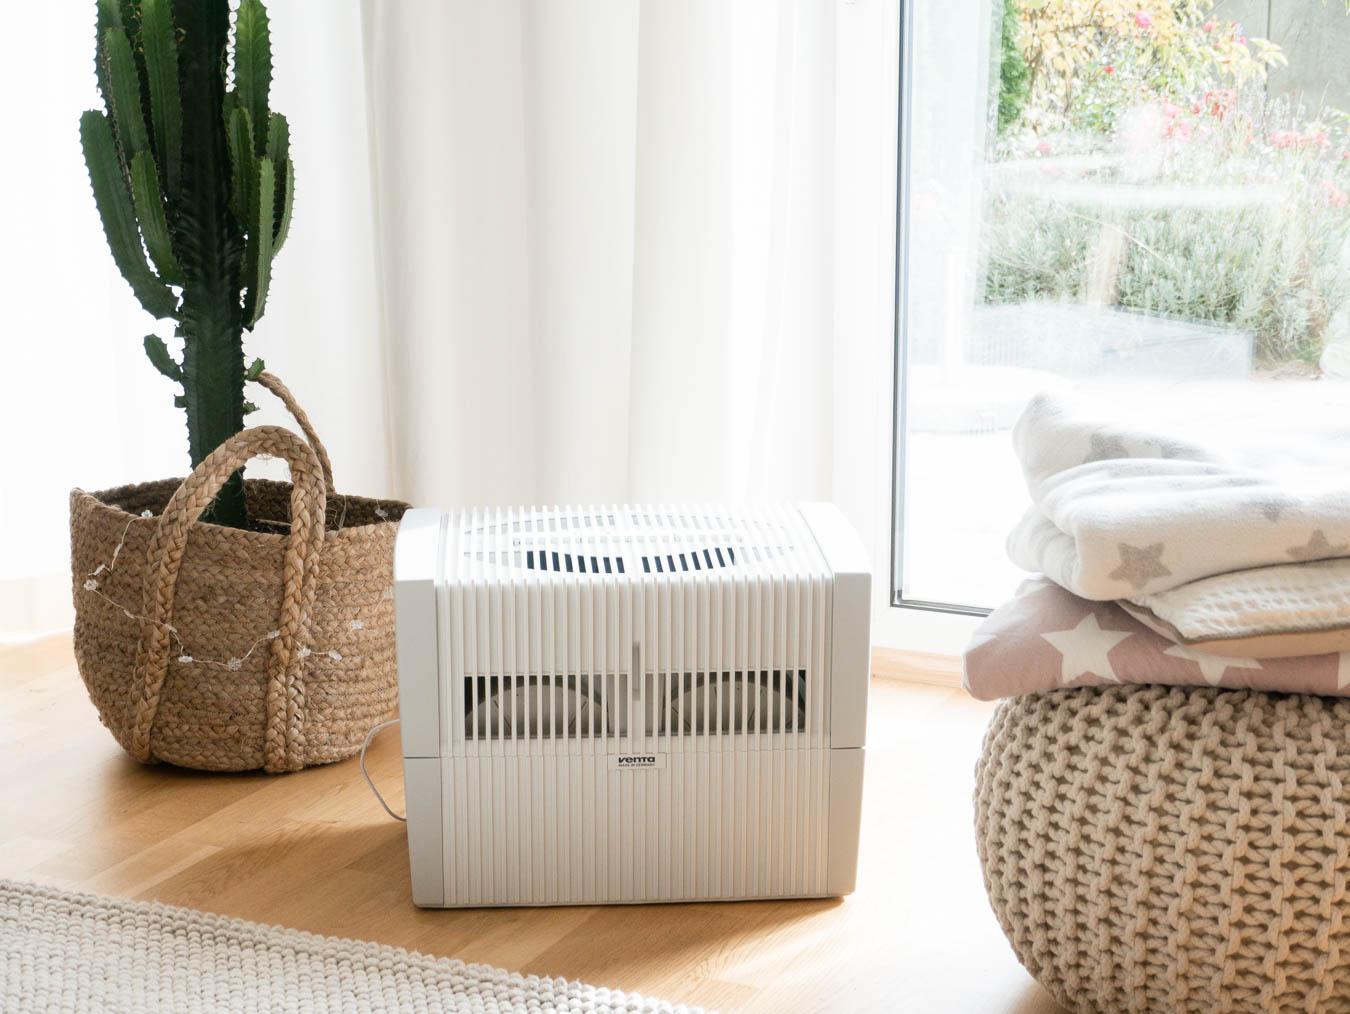 pflanzen gegen trockene raumluft pflanzen im bro pflanzen gegen trockene raumluft achtung. Black Bedroom Furniture Sets. Home Design Ideas